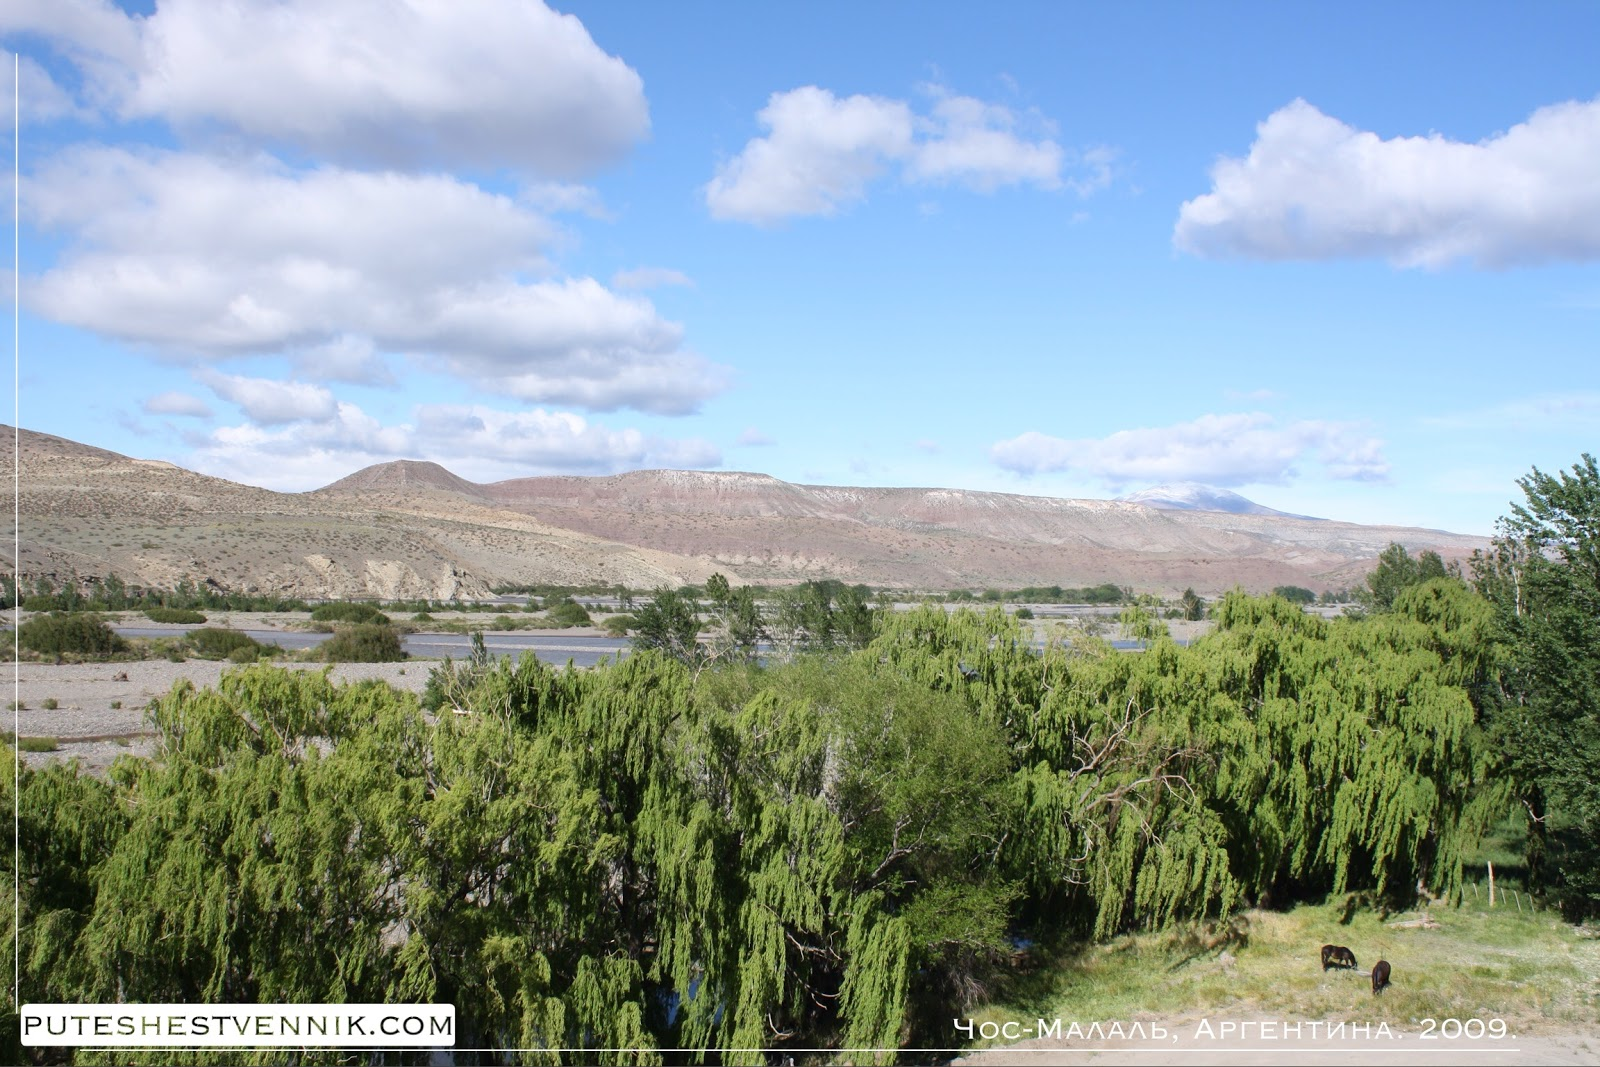 В долине реки у деревни Чос-Малаль